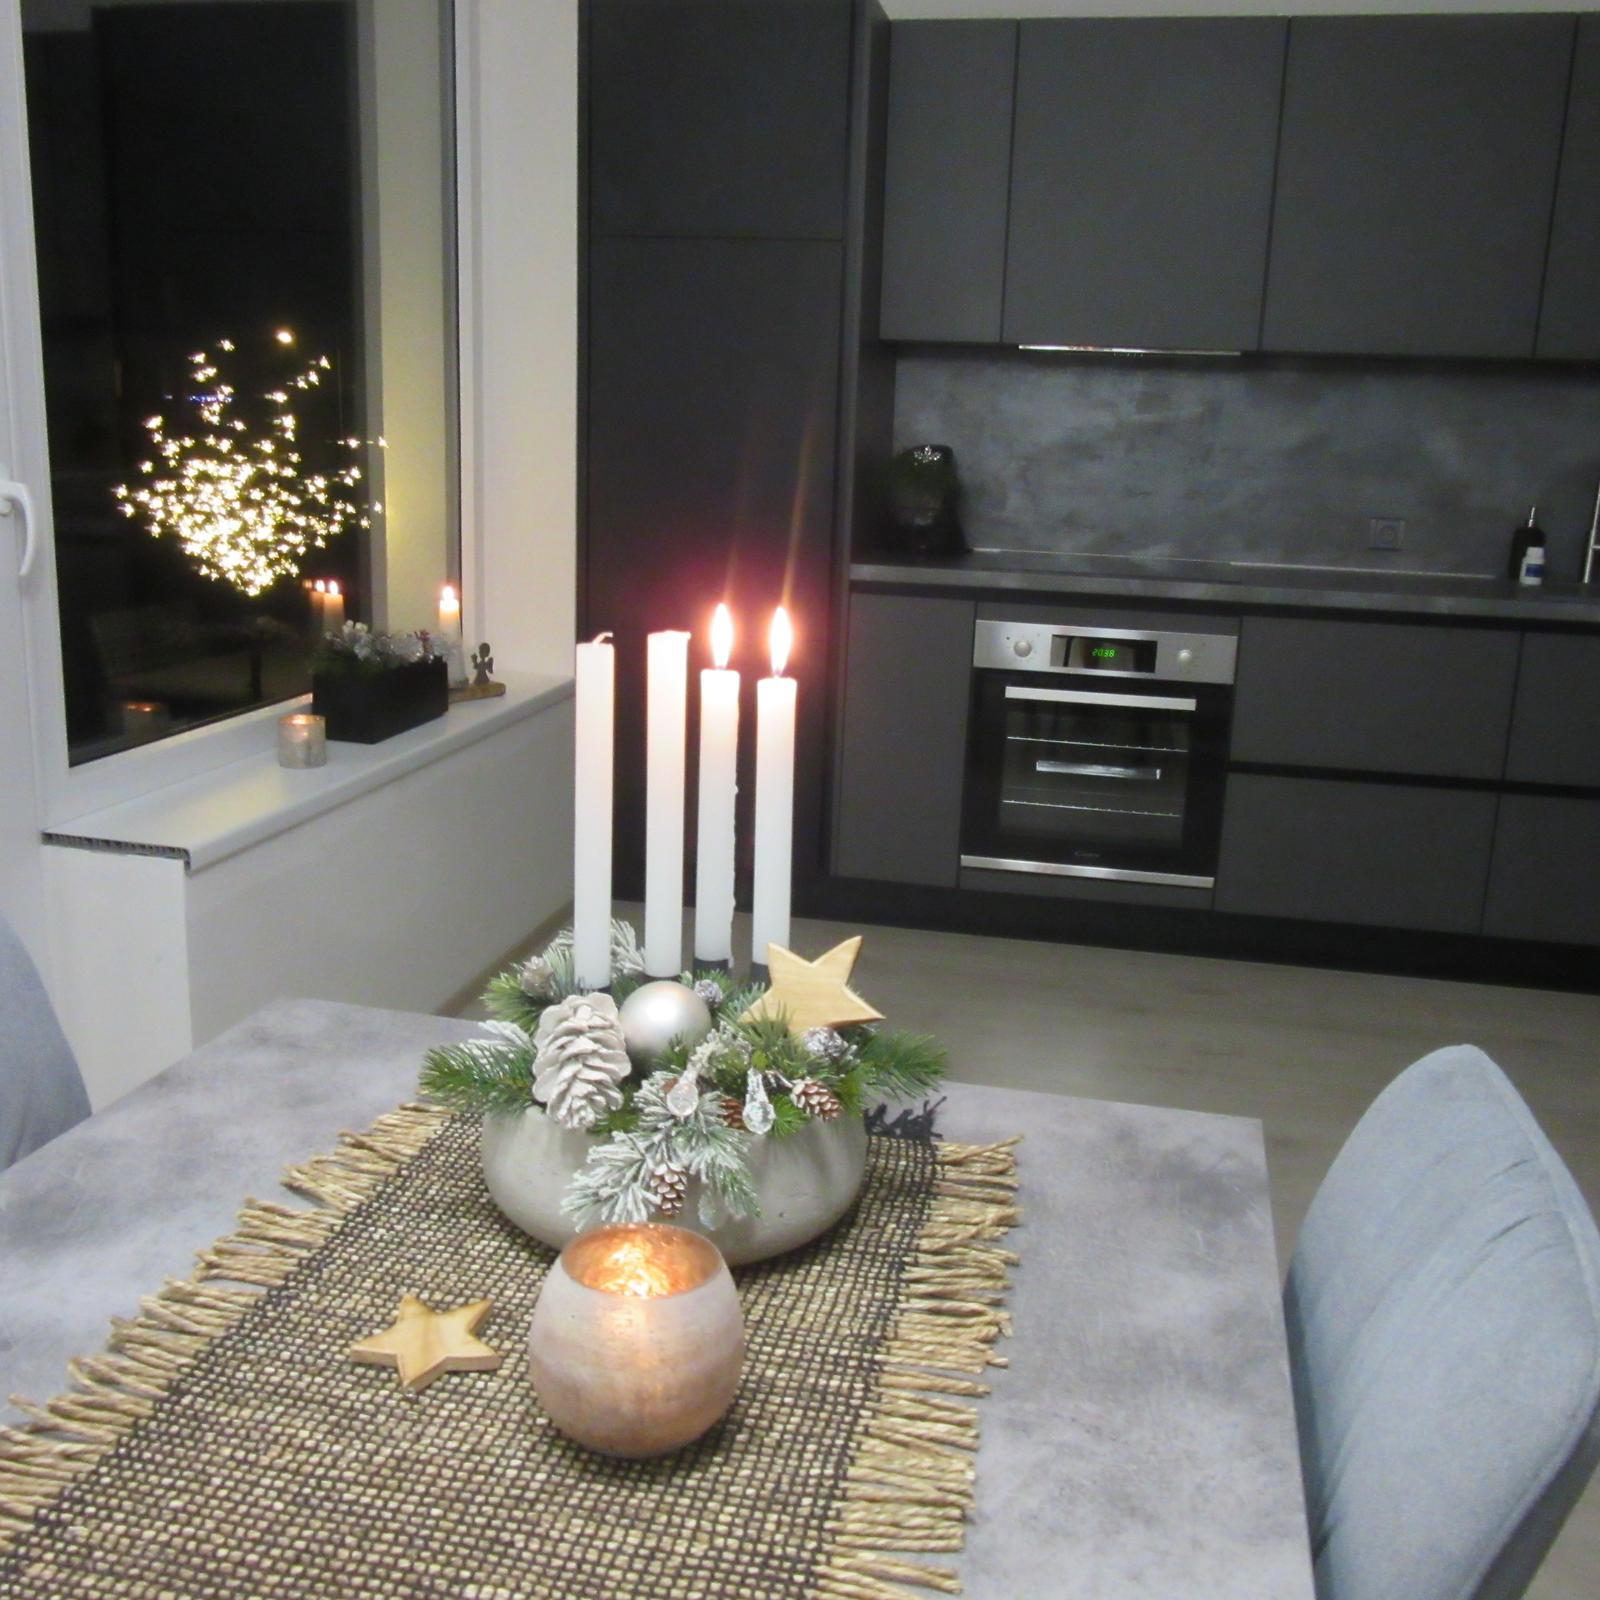 Čas vánoční - již brzy zapálíme třetí svíci...